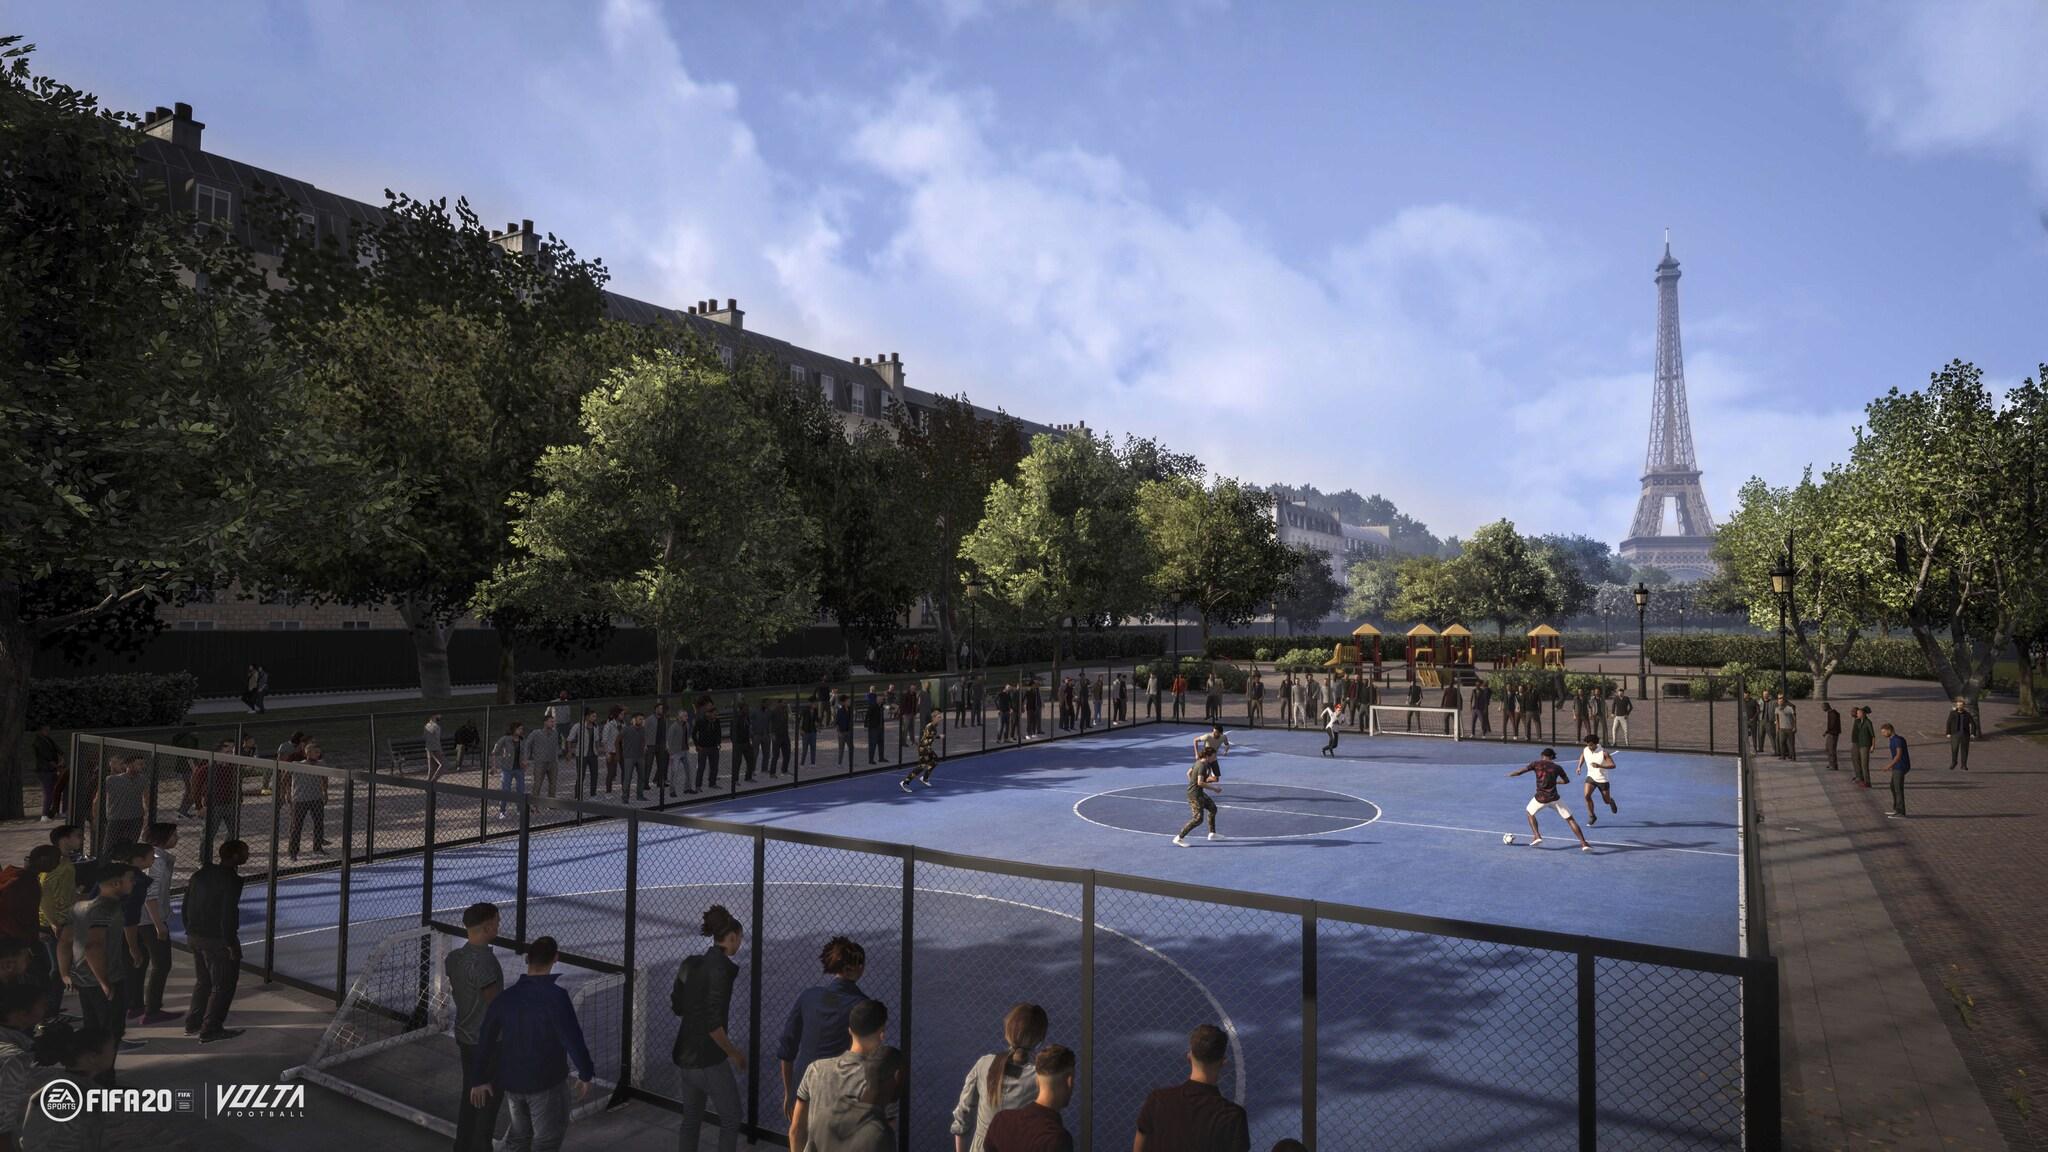 FIFA 20 Volta Paris